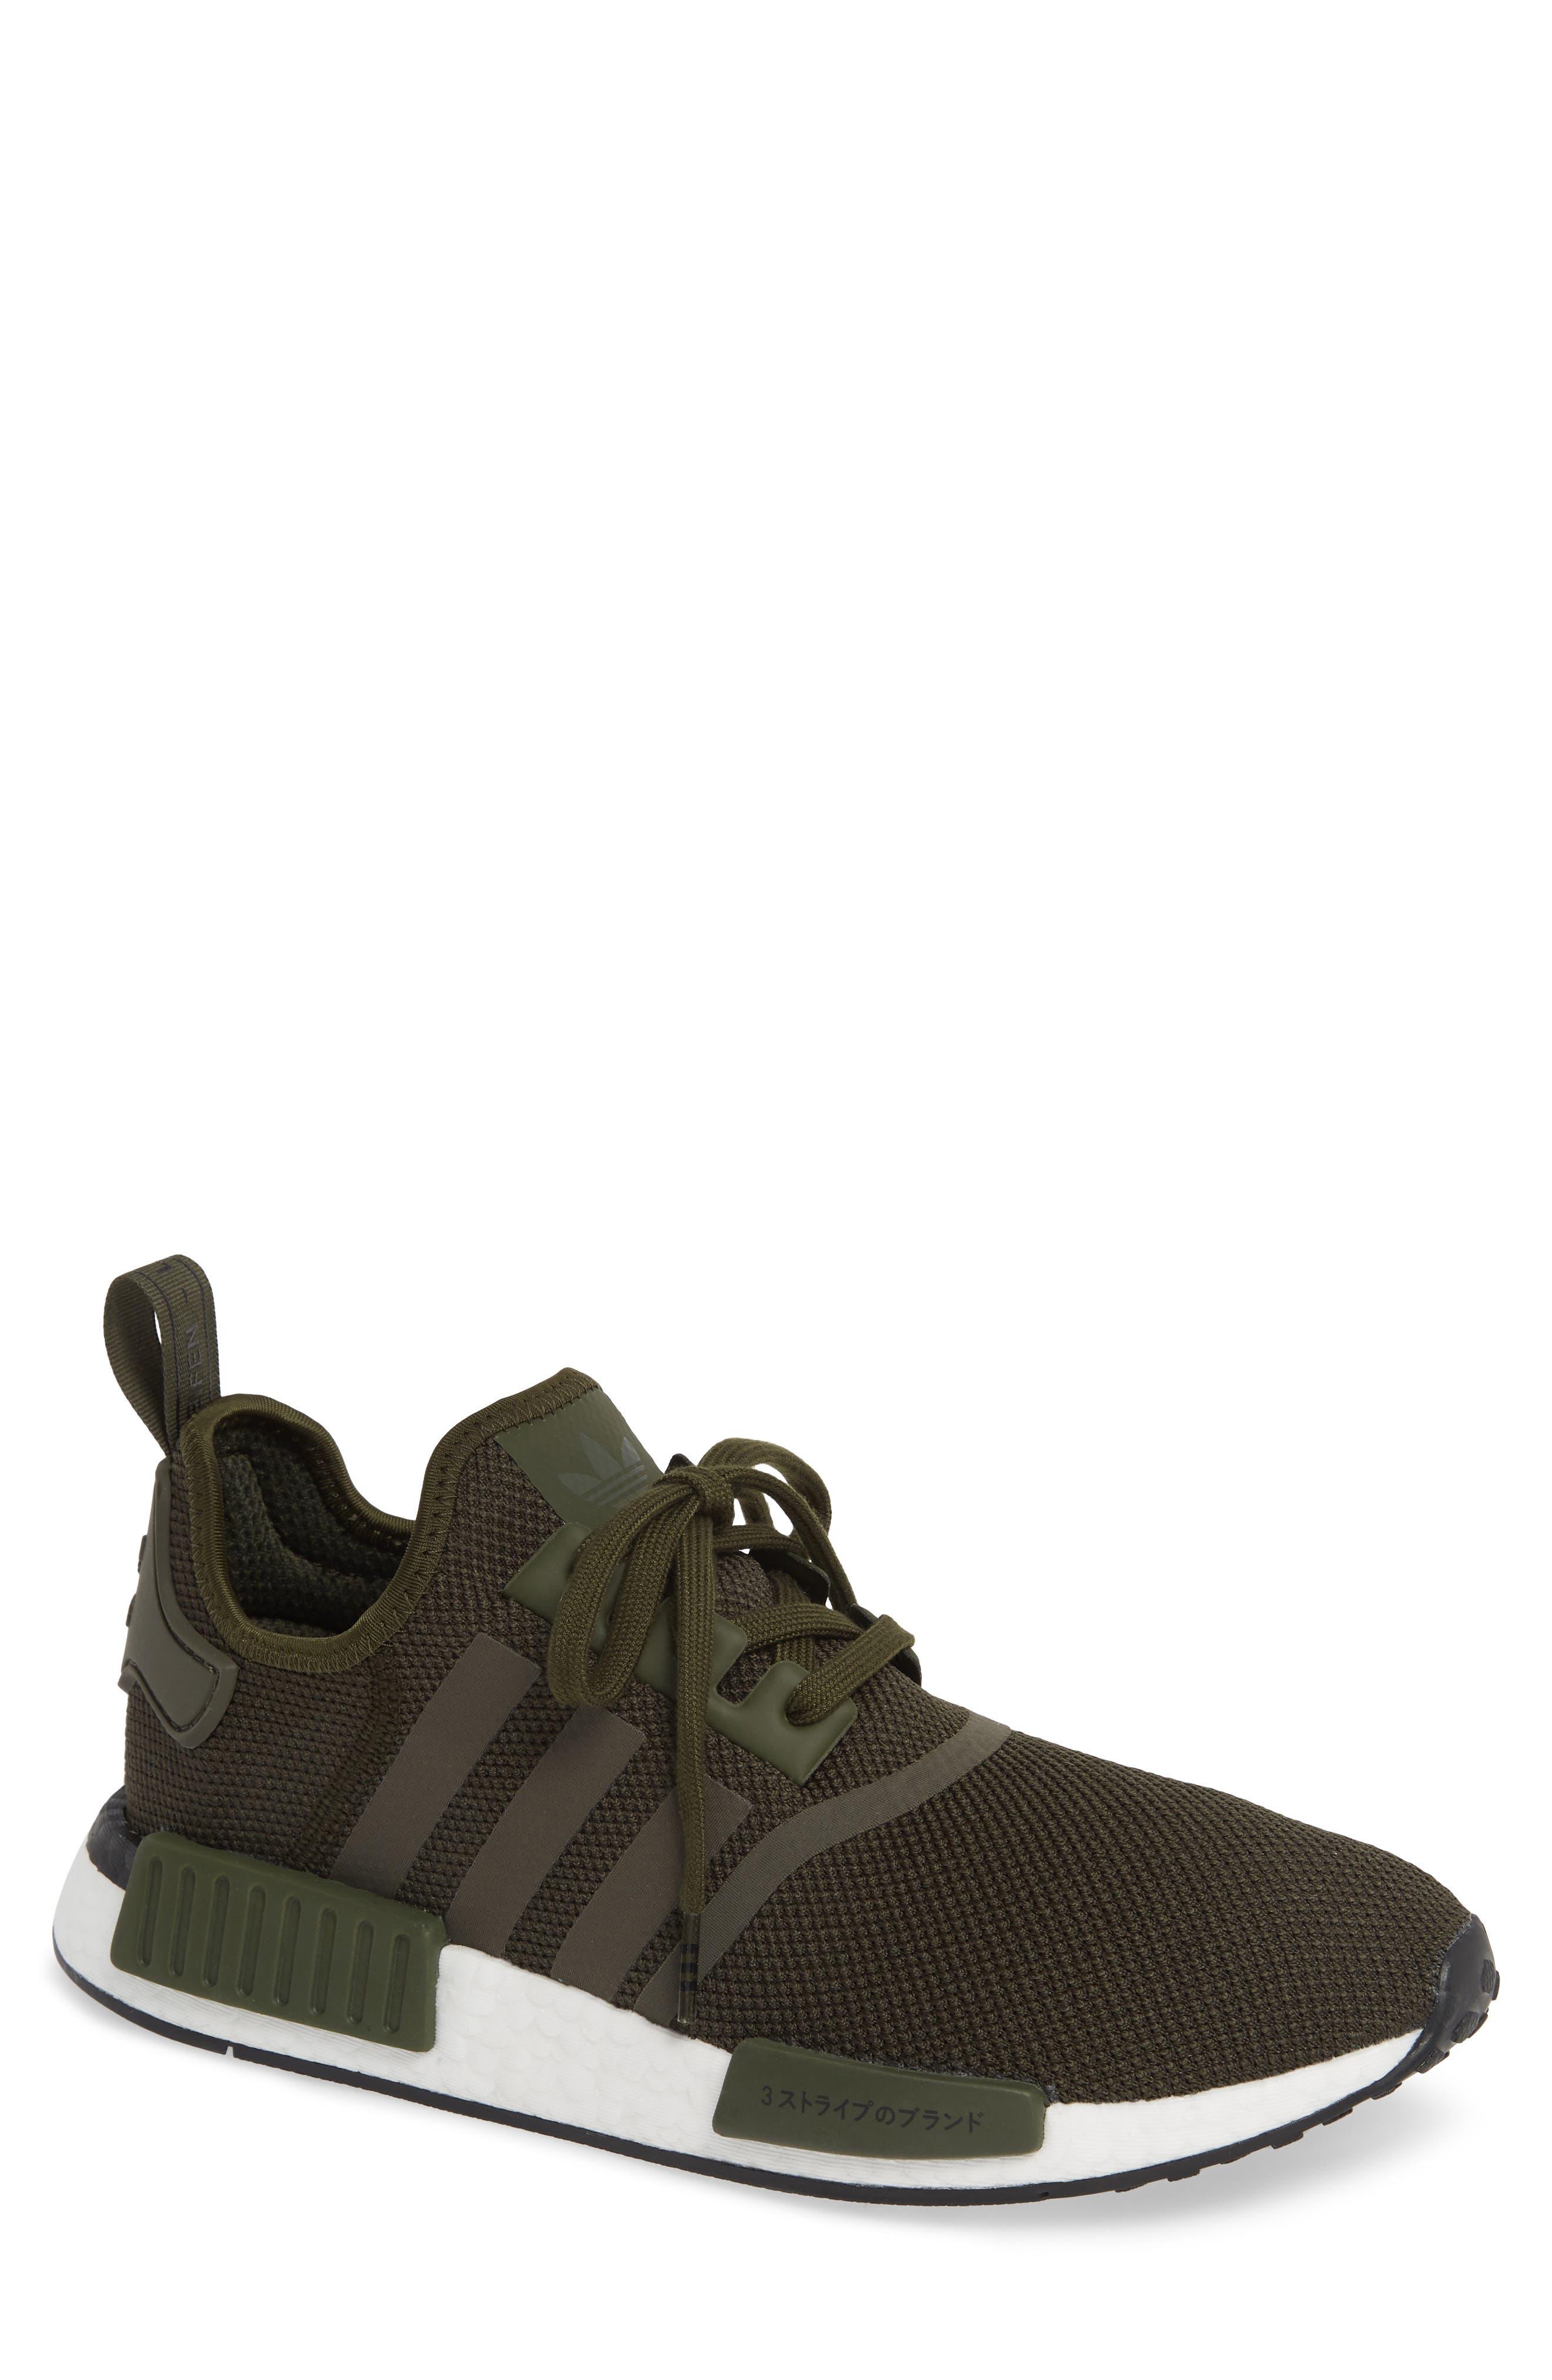 Originals NMD R1 Sneaker, Main, color, NIGHT CARGO/ BLACK